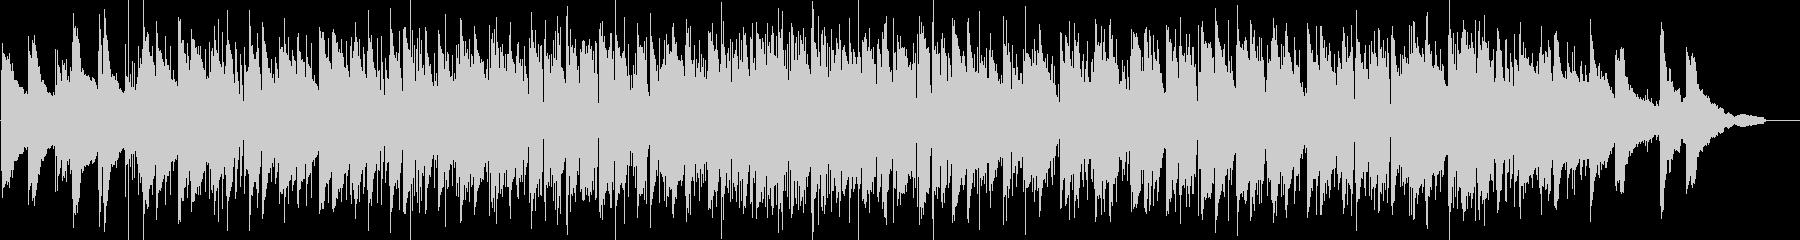 ゆったりとしたヒップホップ風ピアノトリオの未再生の波形